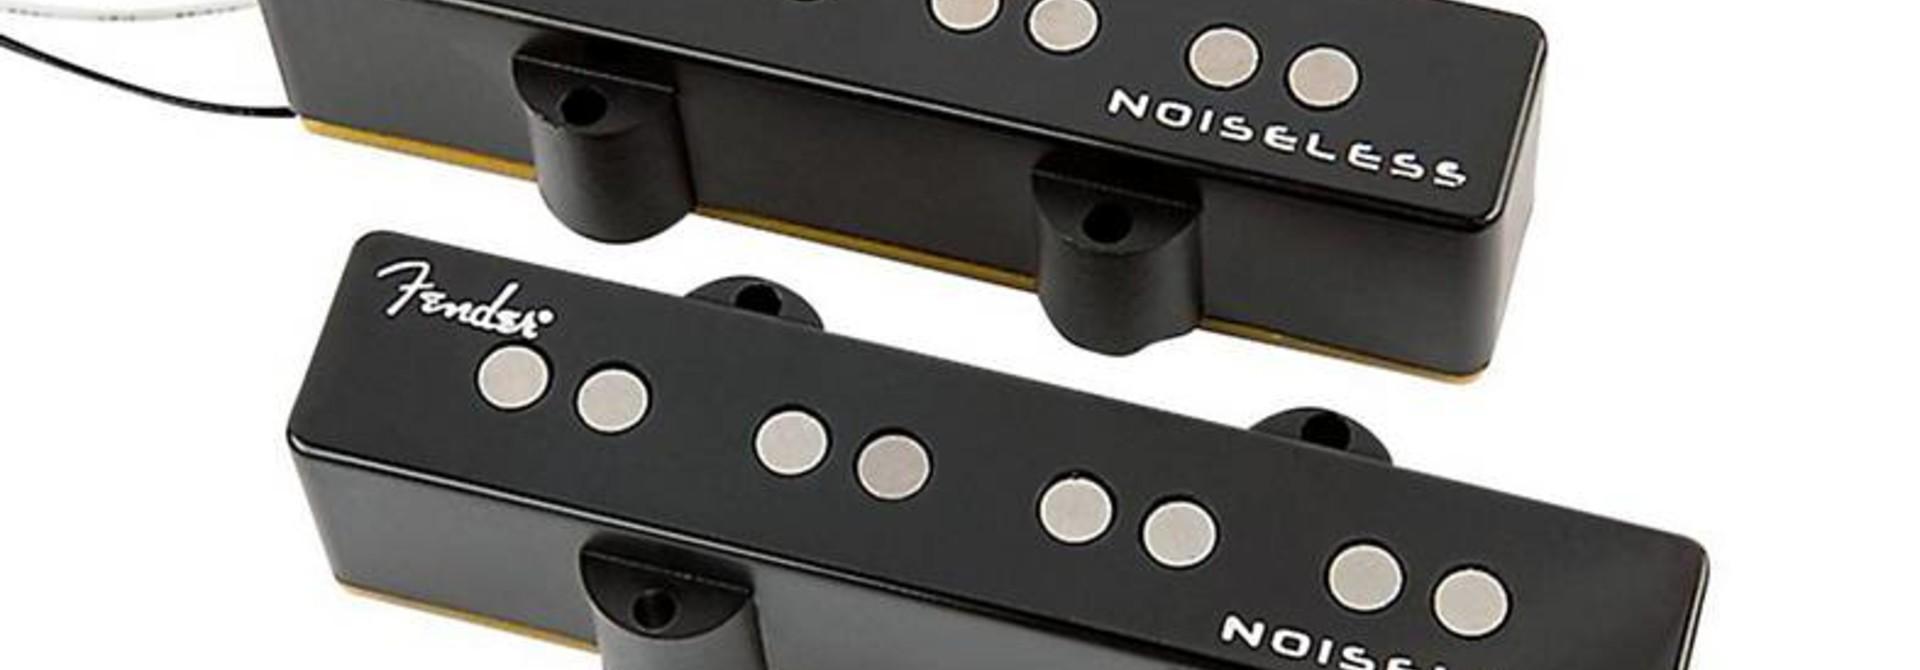 Gen4 Noiseless Jazz Pickup Set